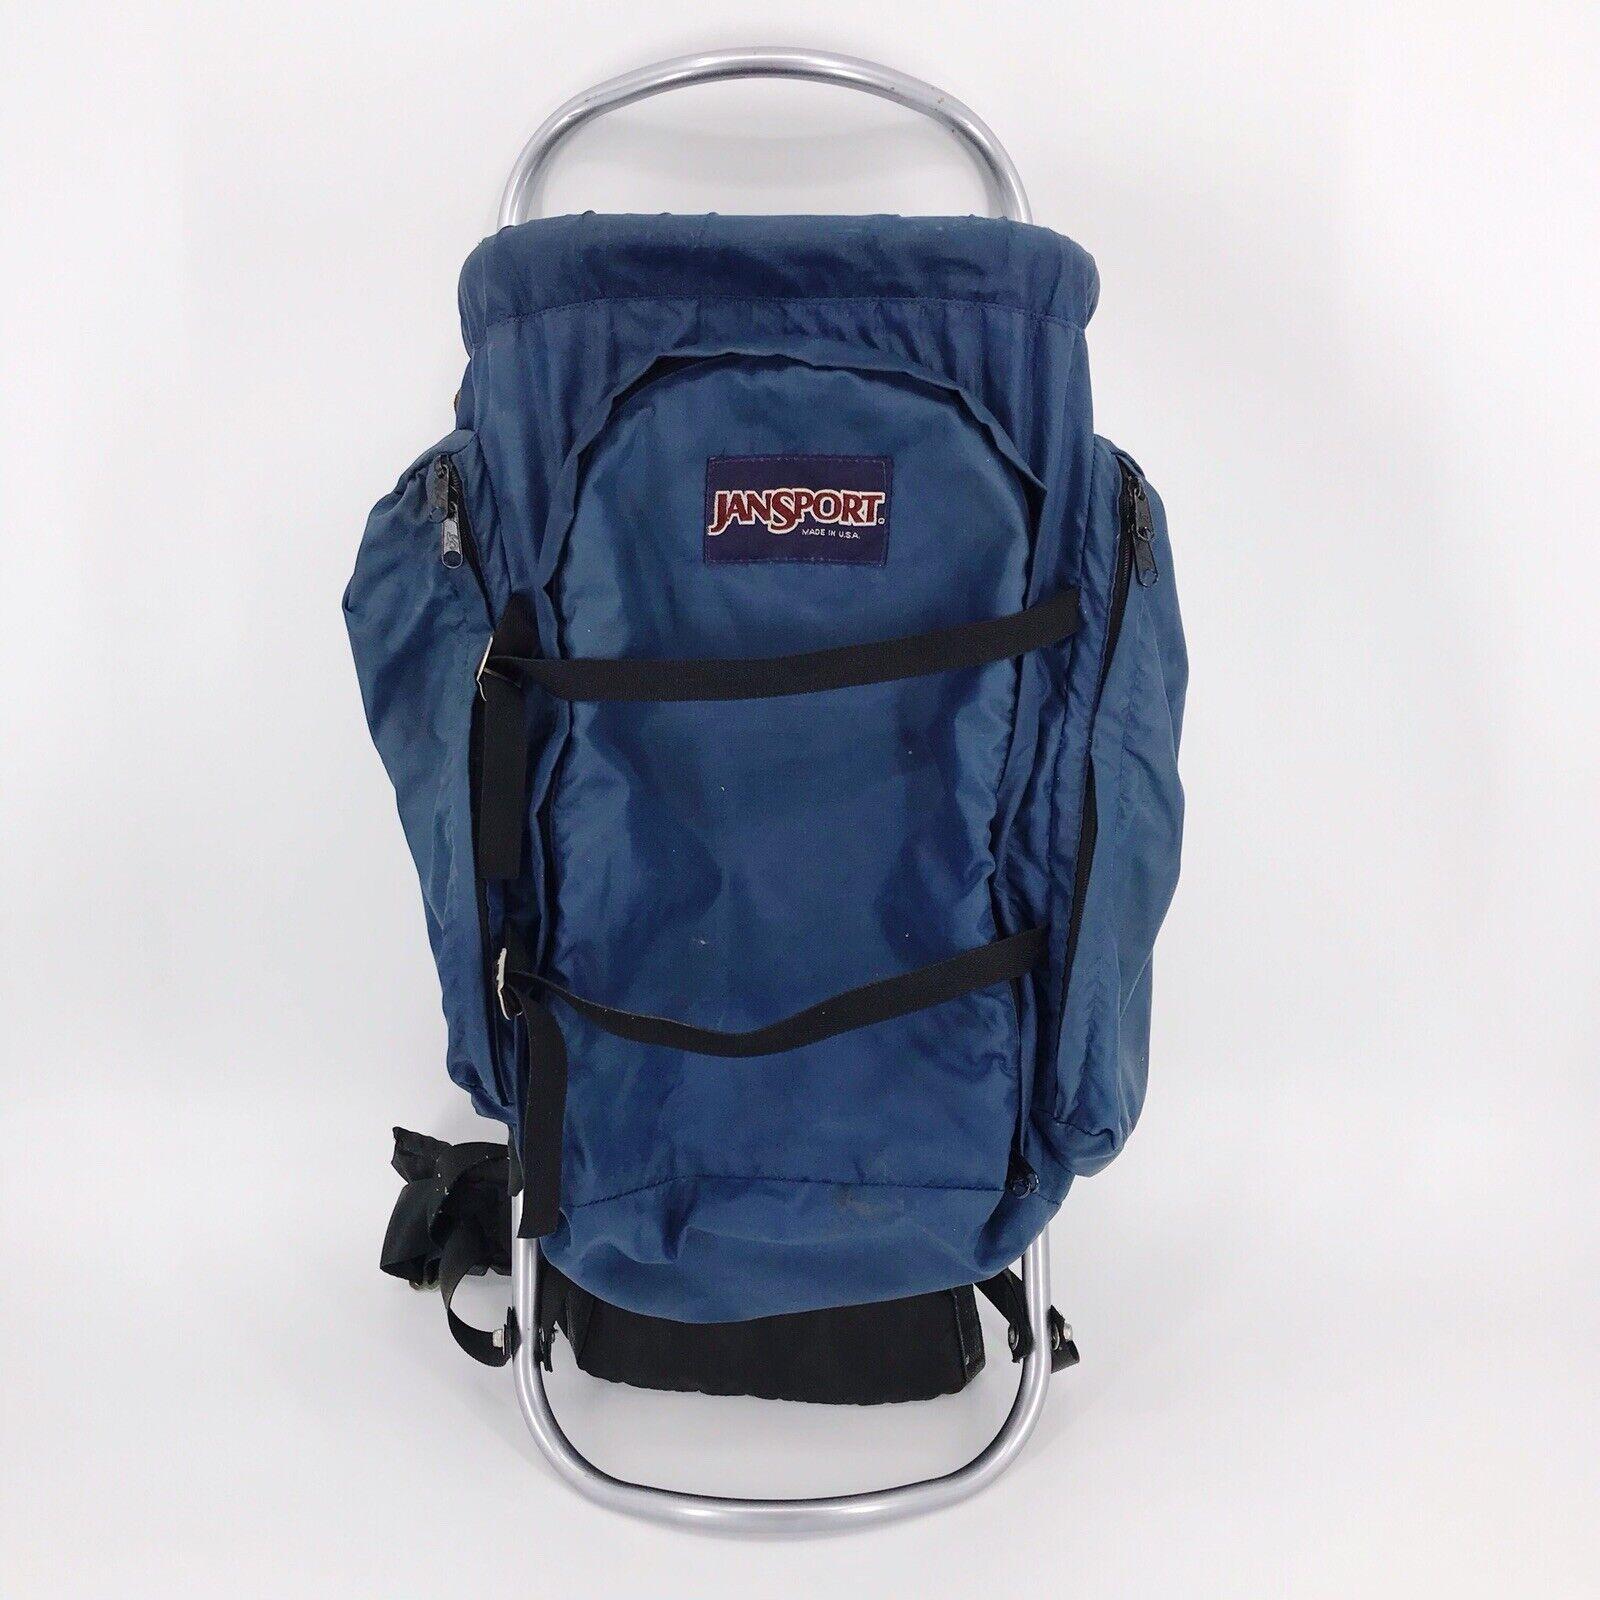 Vintage Jansport External Frame Hiking Camping Backpack Hip Wings Blue USA Made